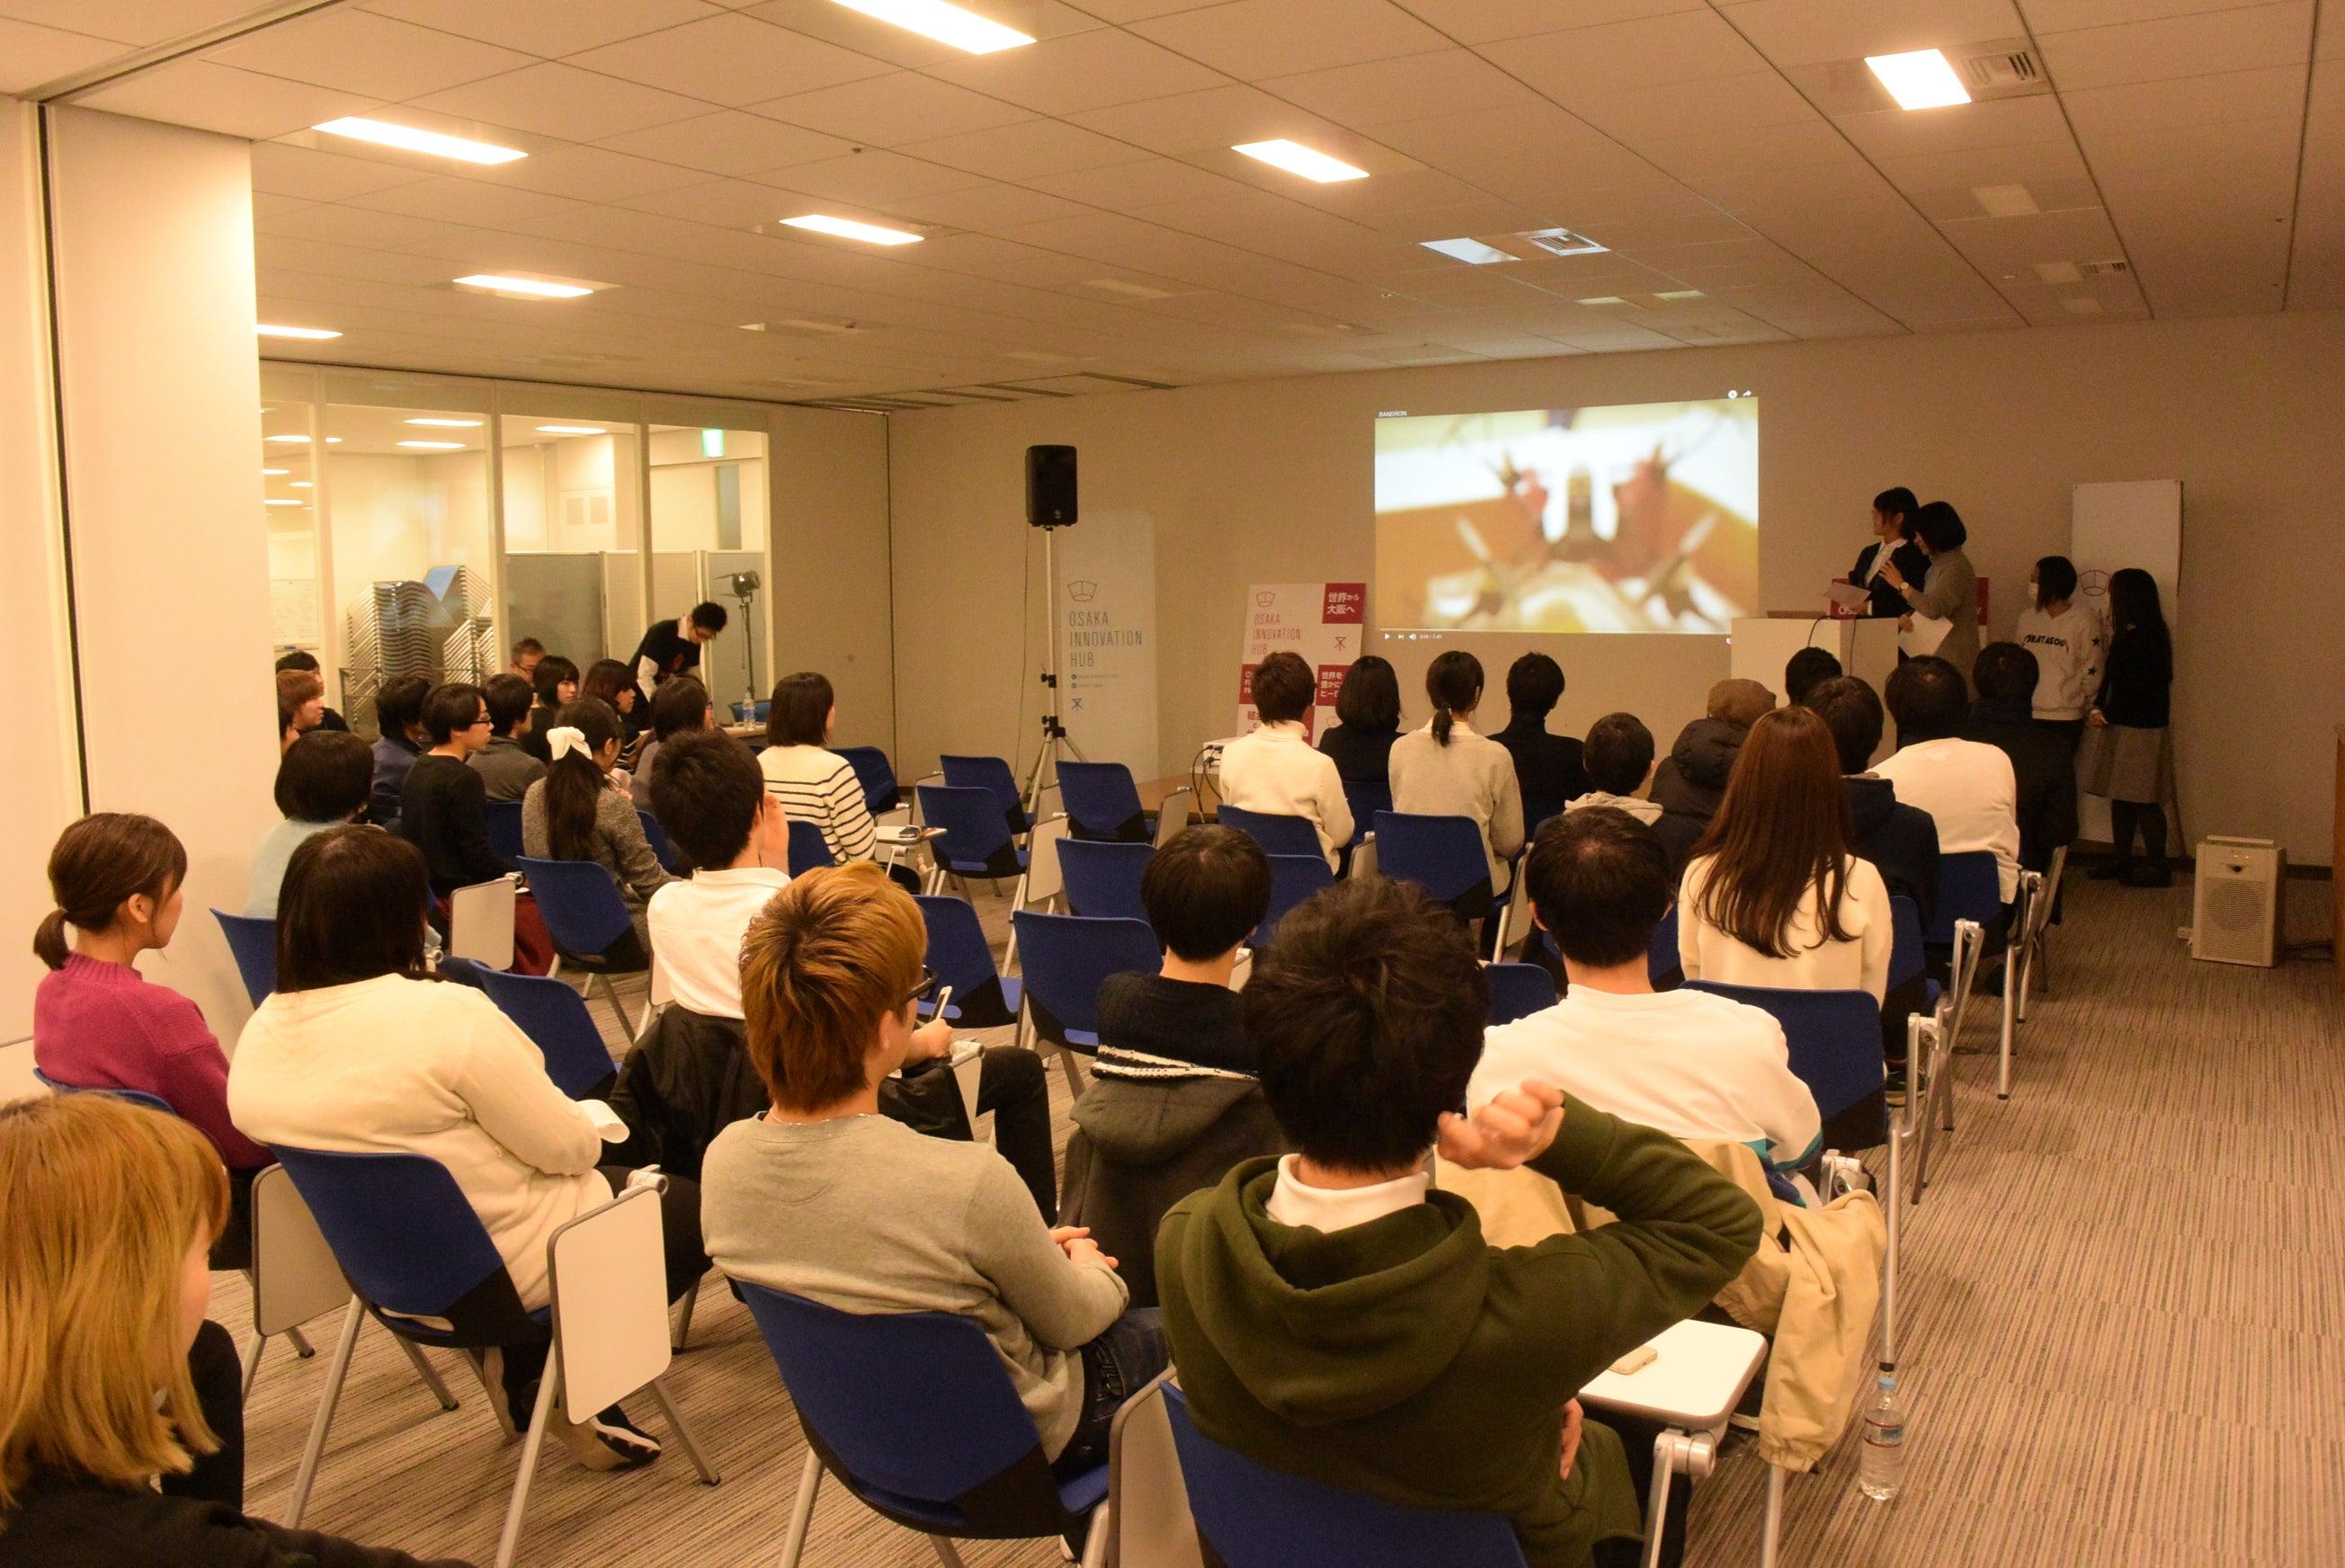 大阪芸術大学ドローンでART作品発表会に行ってきました。